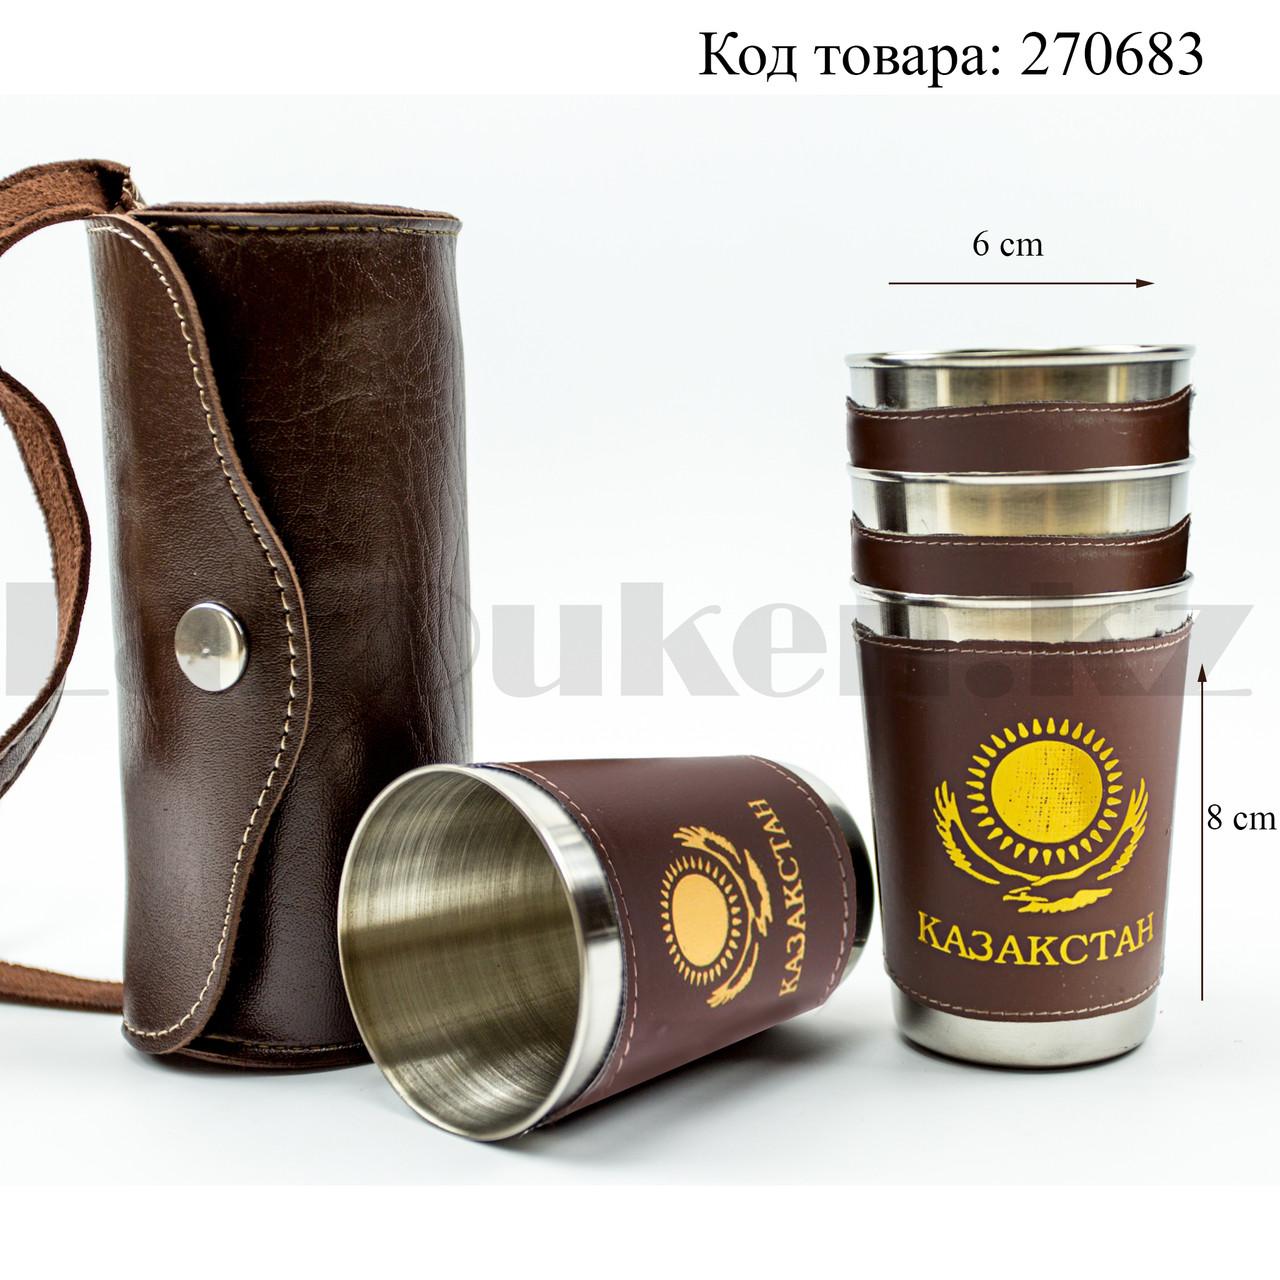 Набор рюмок 4 шт с кожаным чехлом на ремешке 170 мл темно-коричневого цвета - фото 1